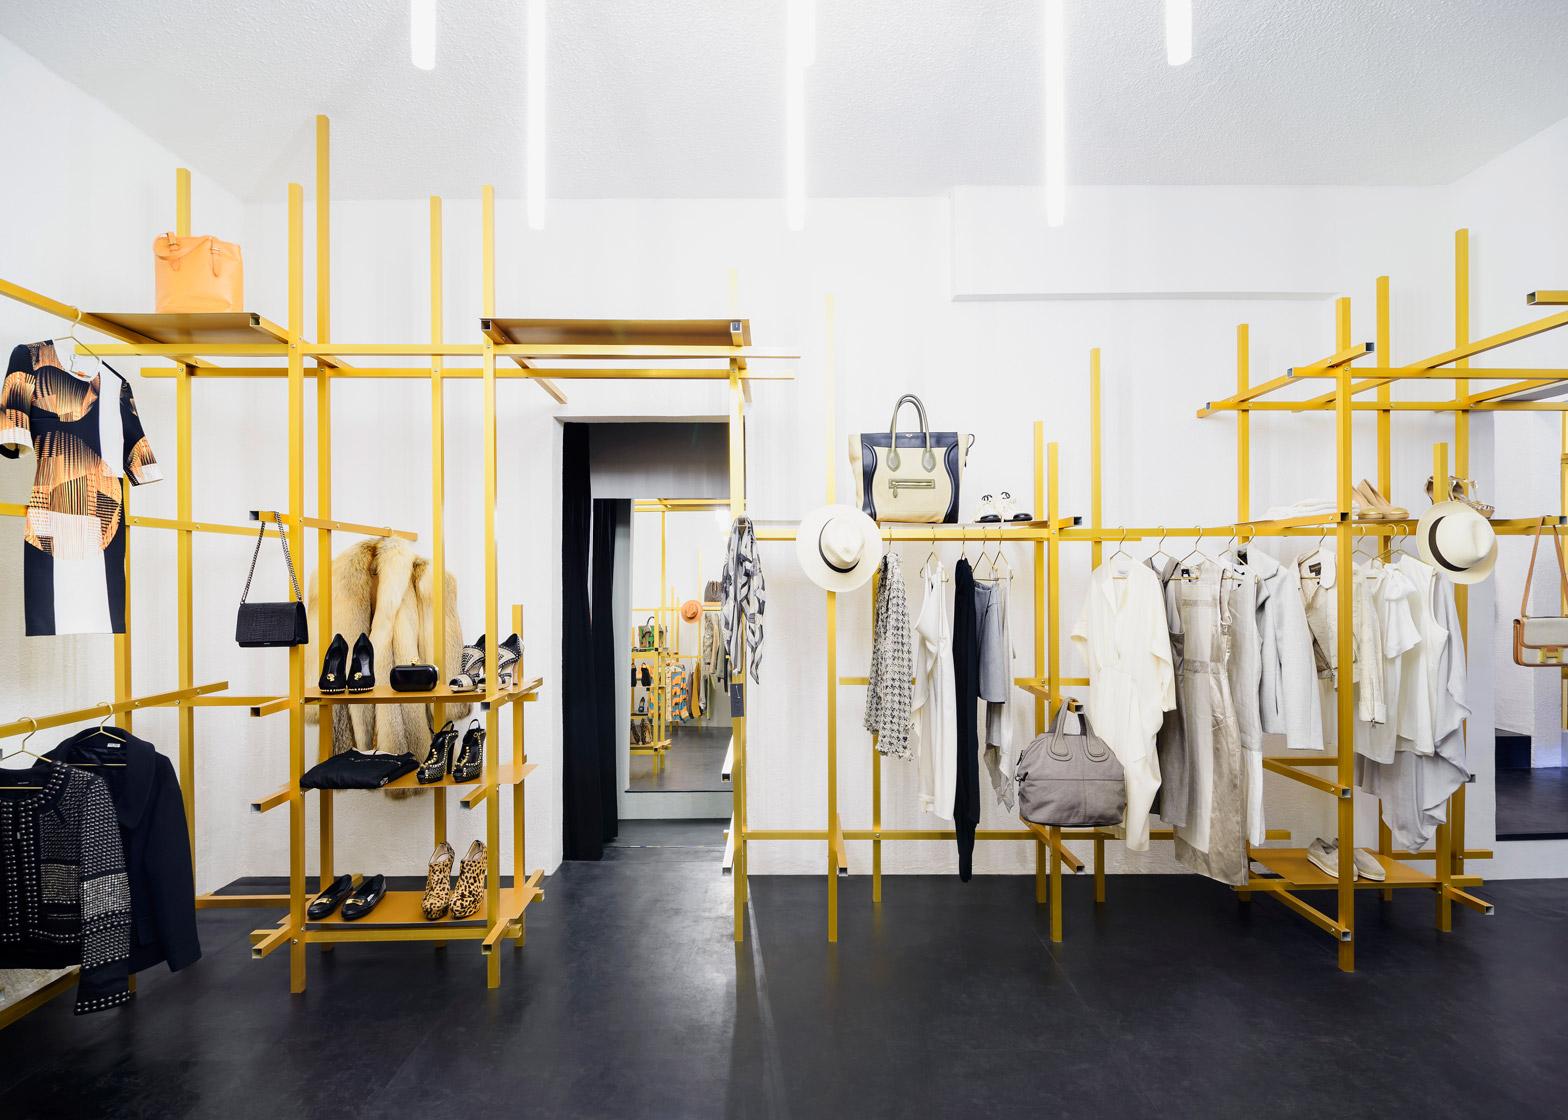 troquer-studio-showroom-zeller-moye-mexico-city-conversion_dezeen_1568_4